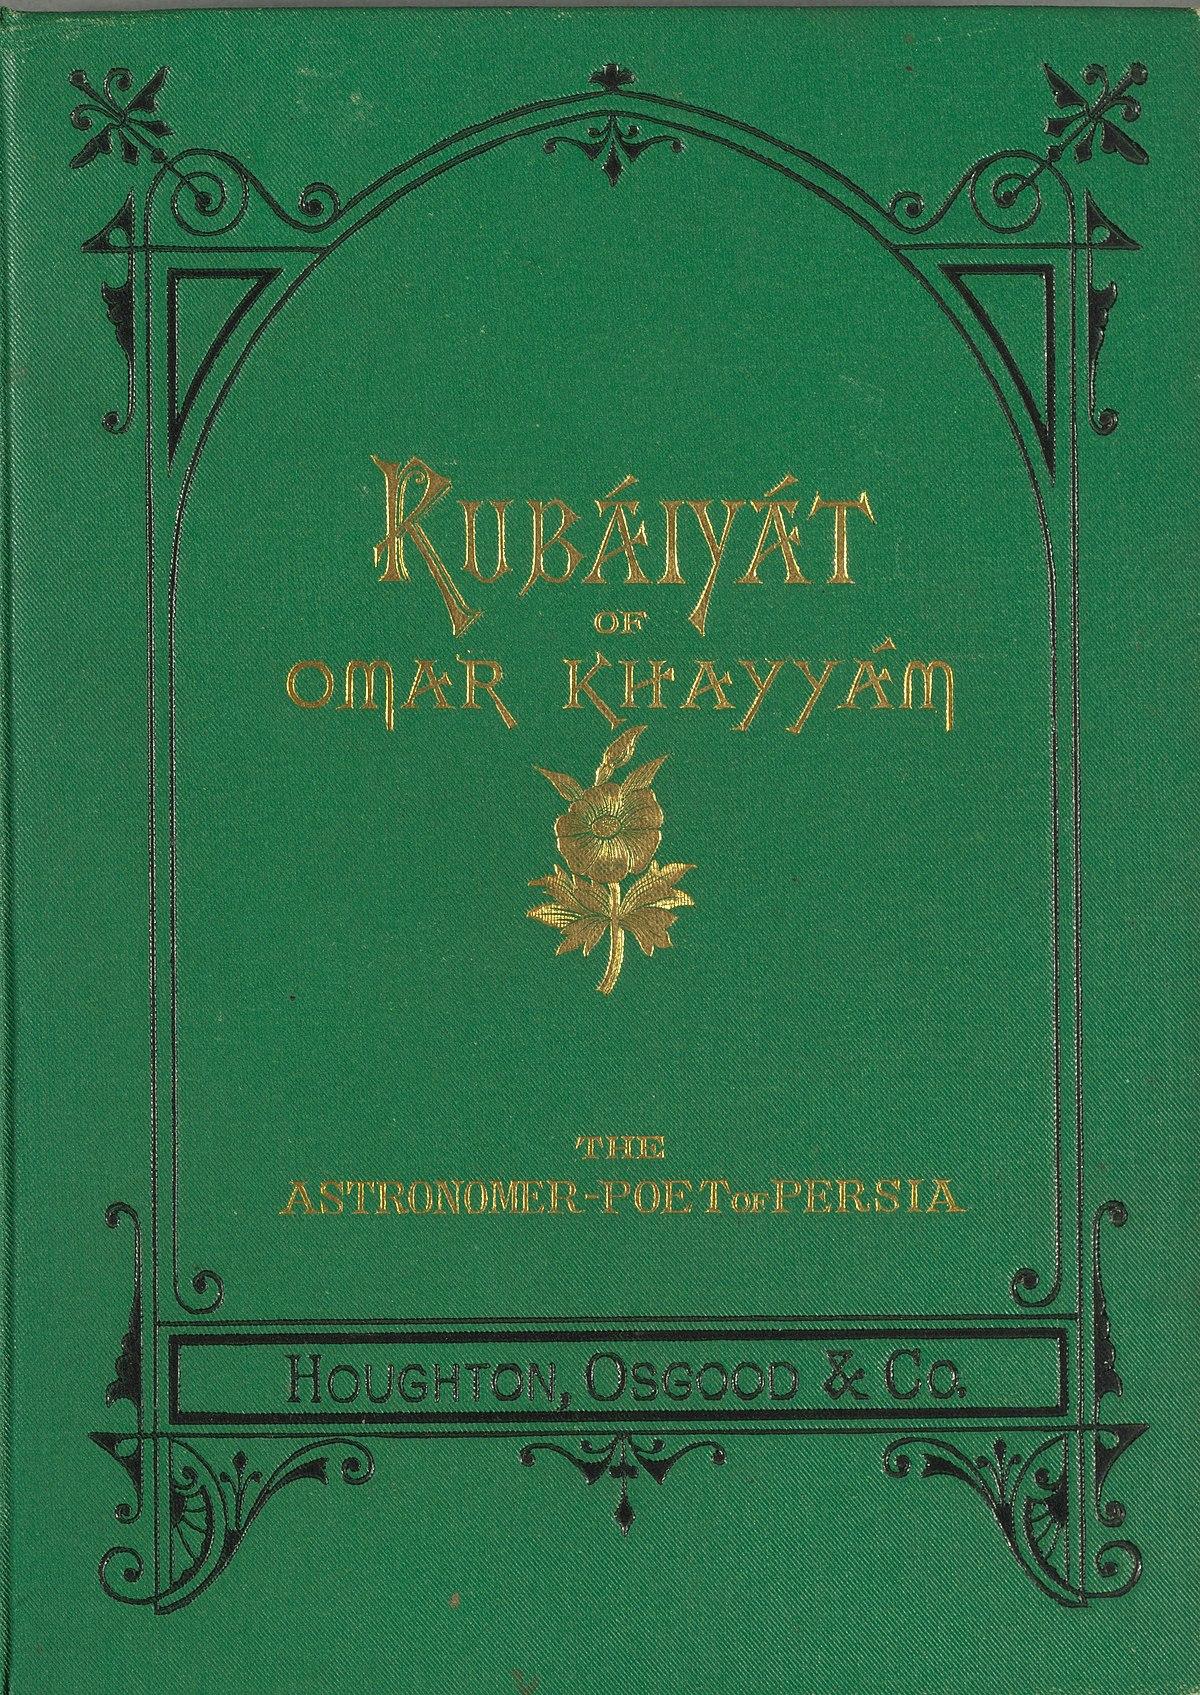 Poem of the week: The Rubáiyát of Omar Khayyám